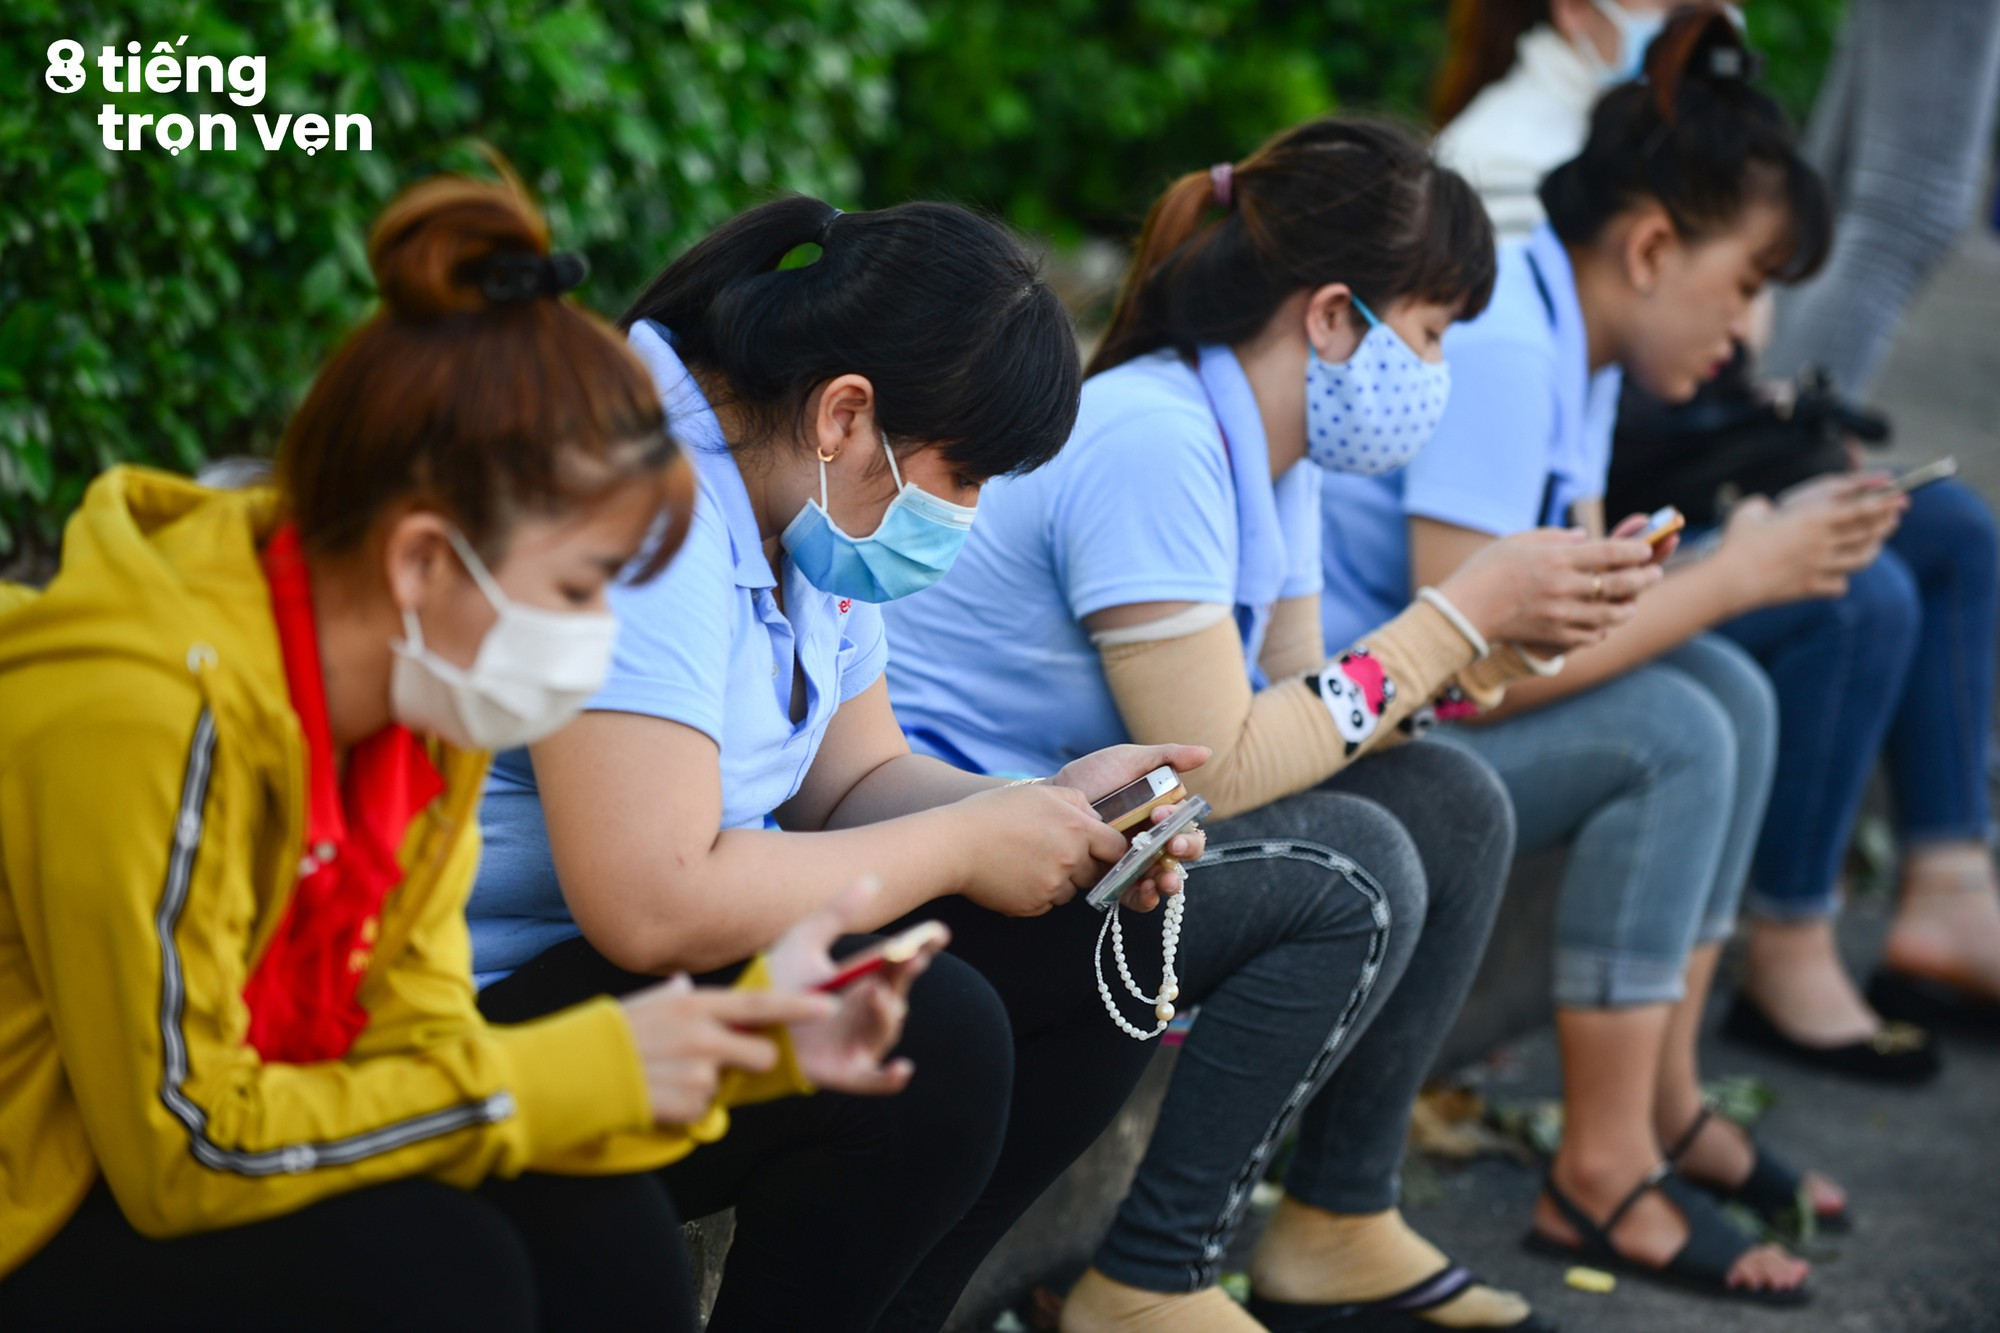 8 tiếng trọn vẹn - Bộ ảnh đầy cảm xúc về cuộc sống mưu sinh hối hả của những công nhân Sài Gòn sau giờ tan ca - Ảnh 4.